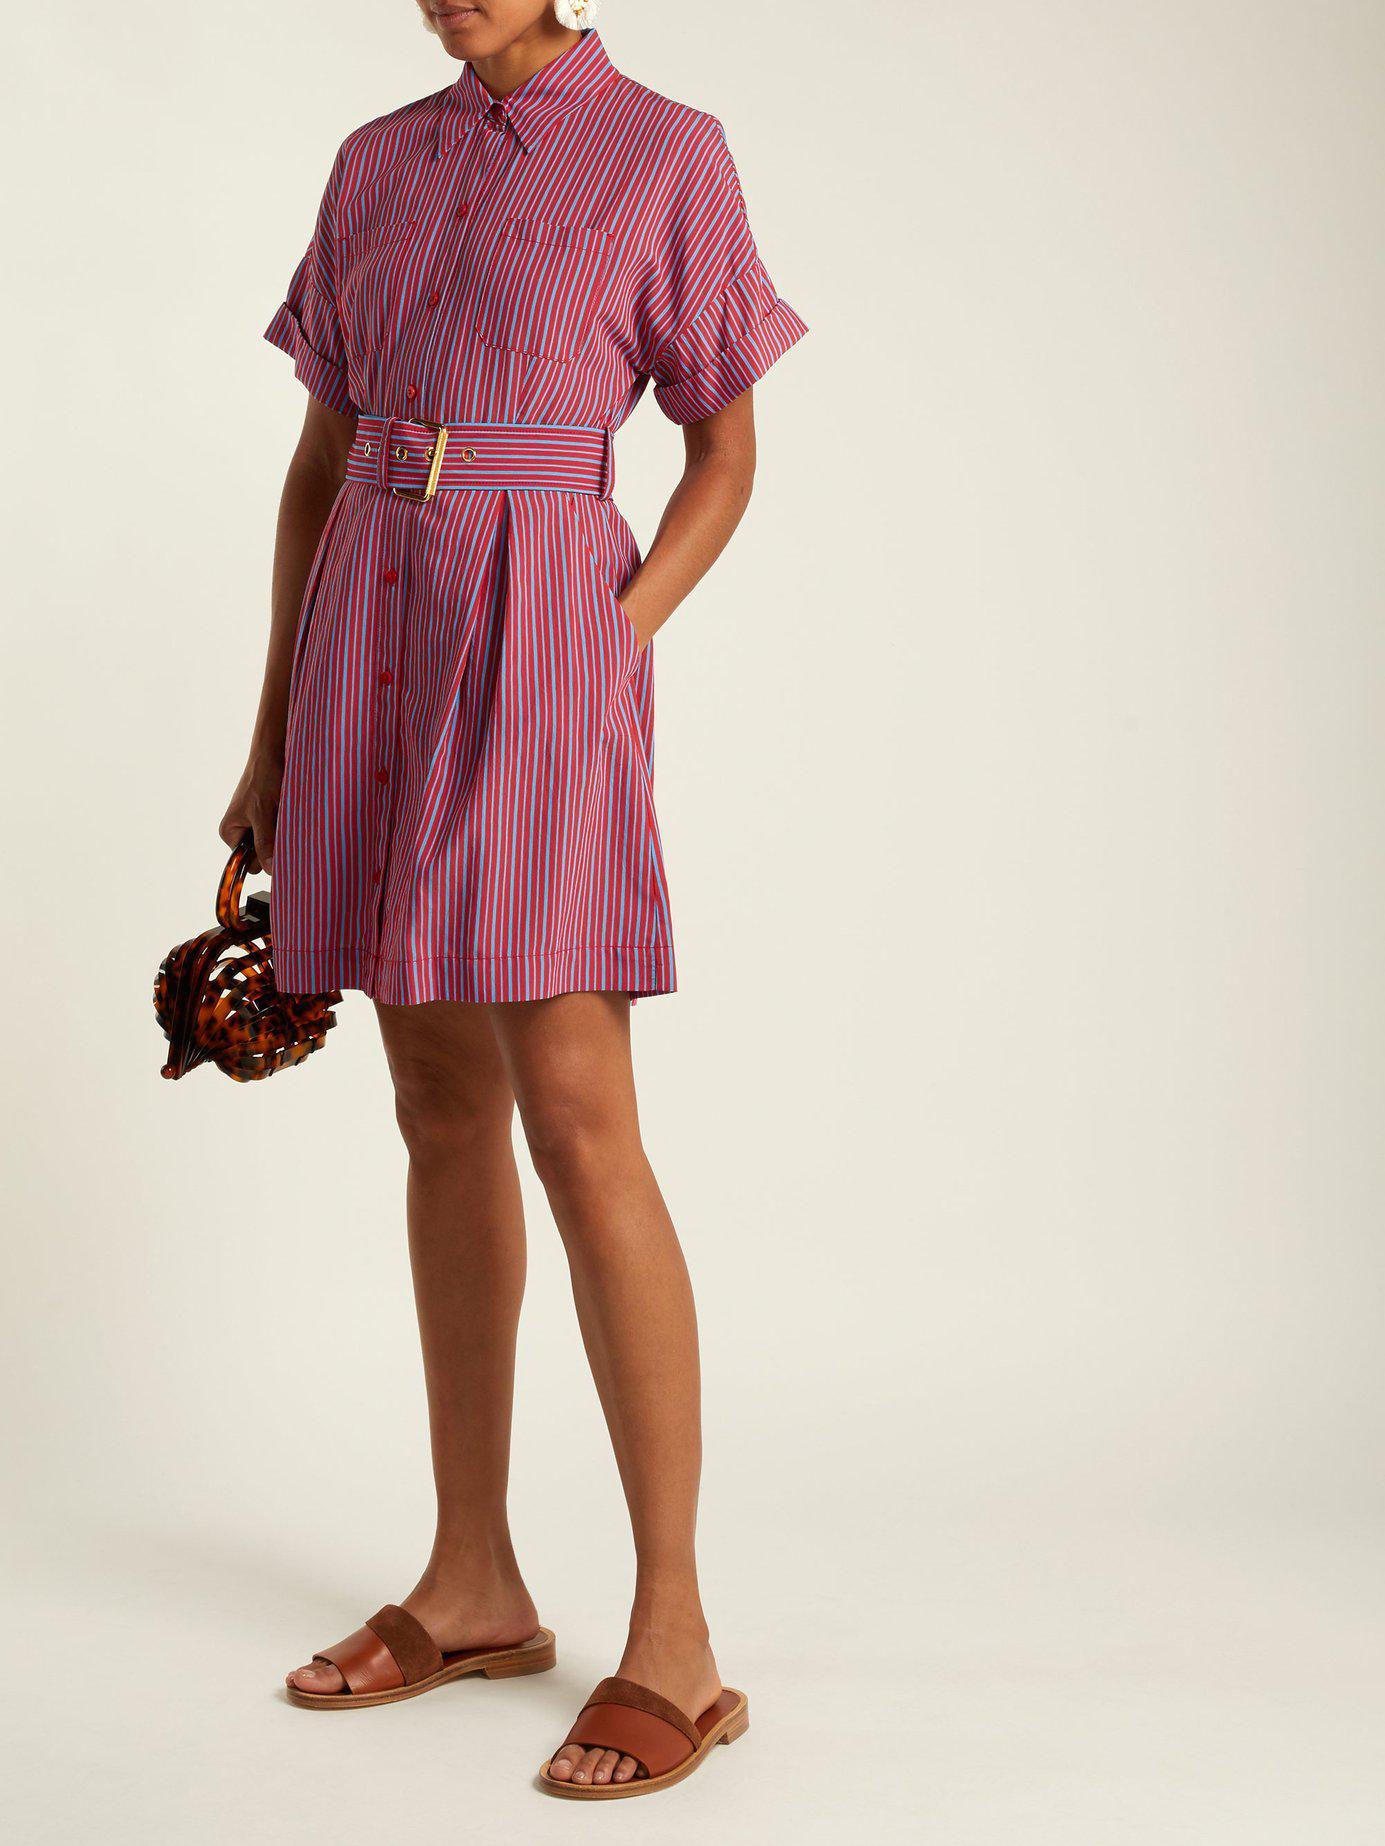 2d502f22c0 Lyst - Diane von Furstenberg Striped Patch Pocket Shirtdress in Red